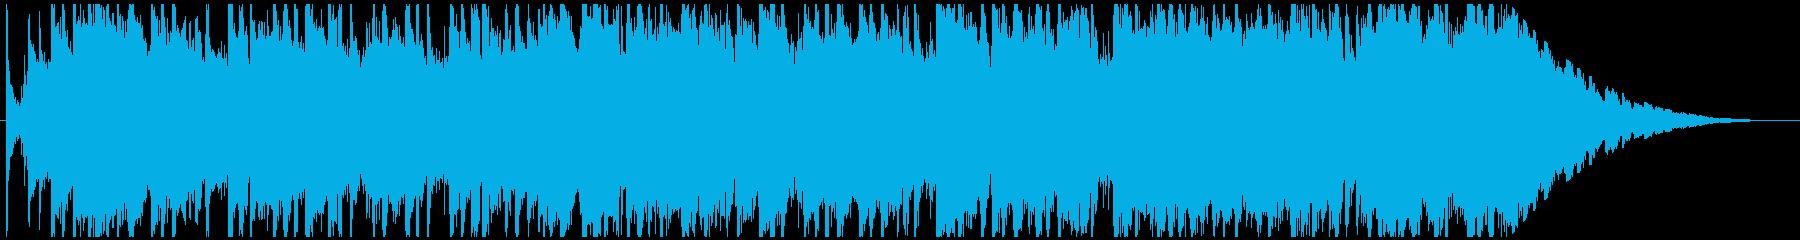 ジングル - 賑やかゴスペルの再生済みの波形